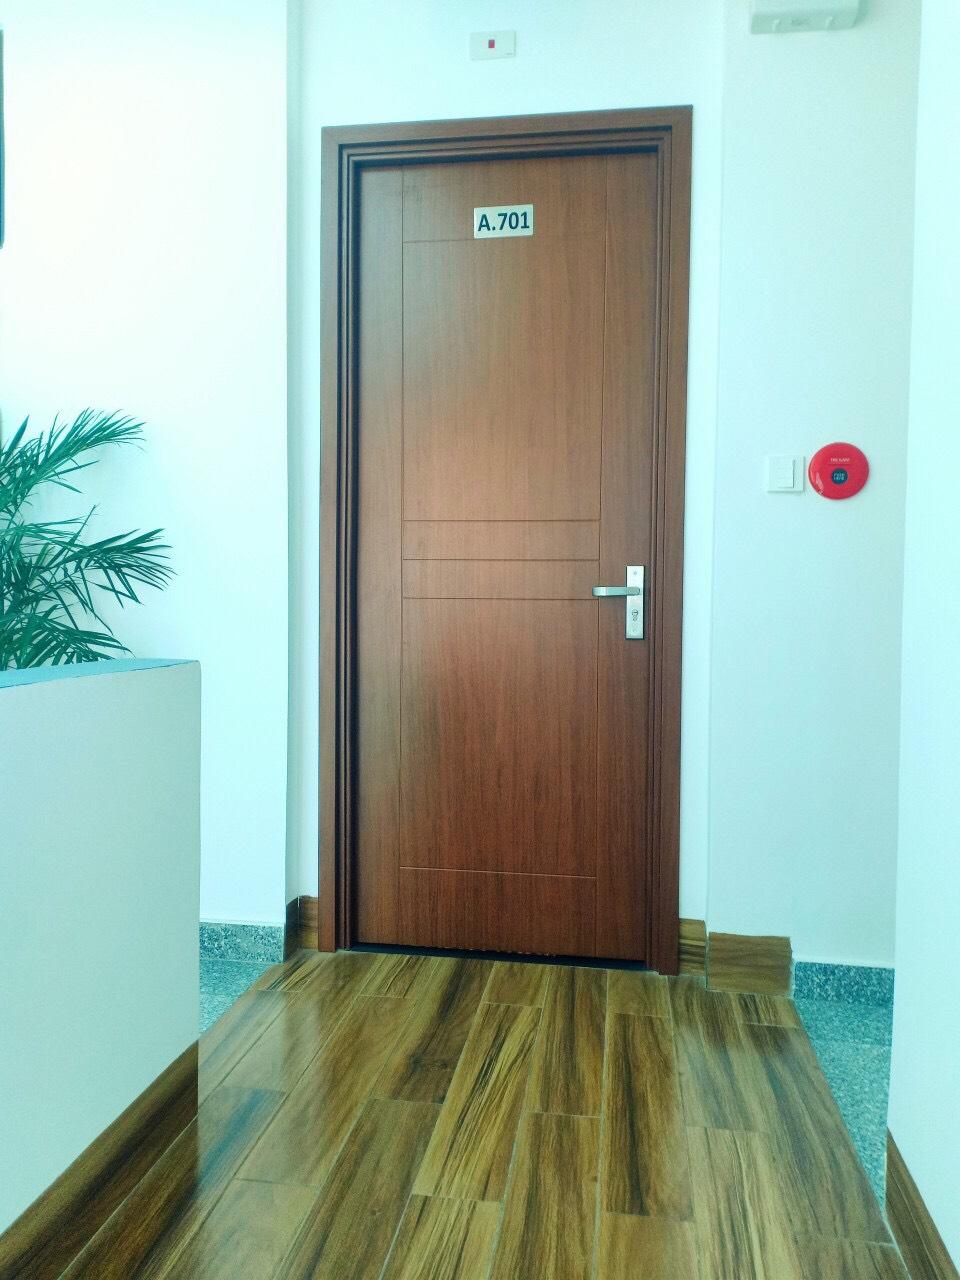 mẫu cửa dùng cho văn phòng